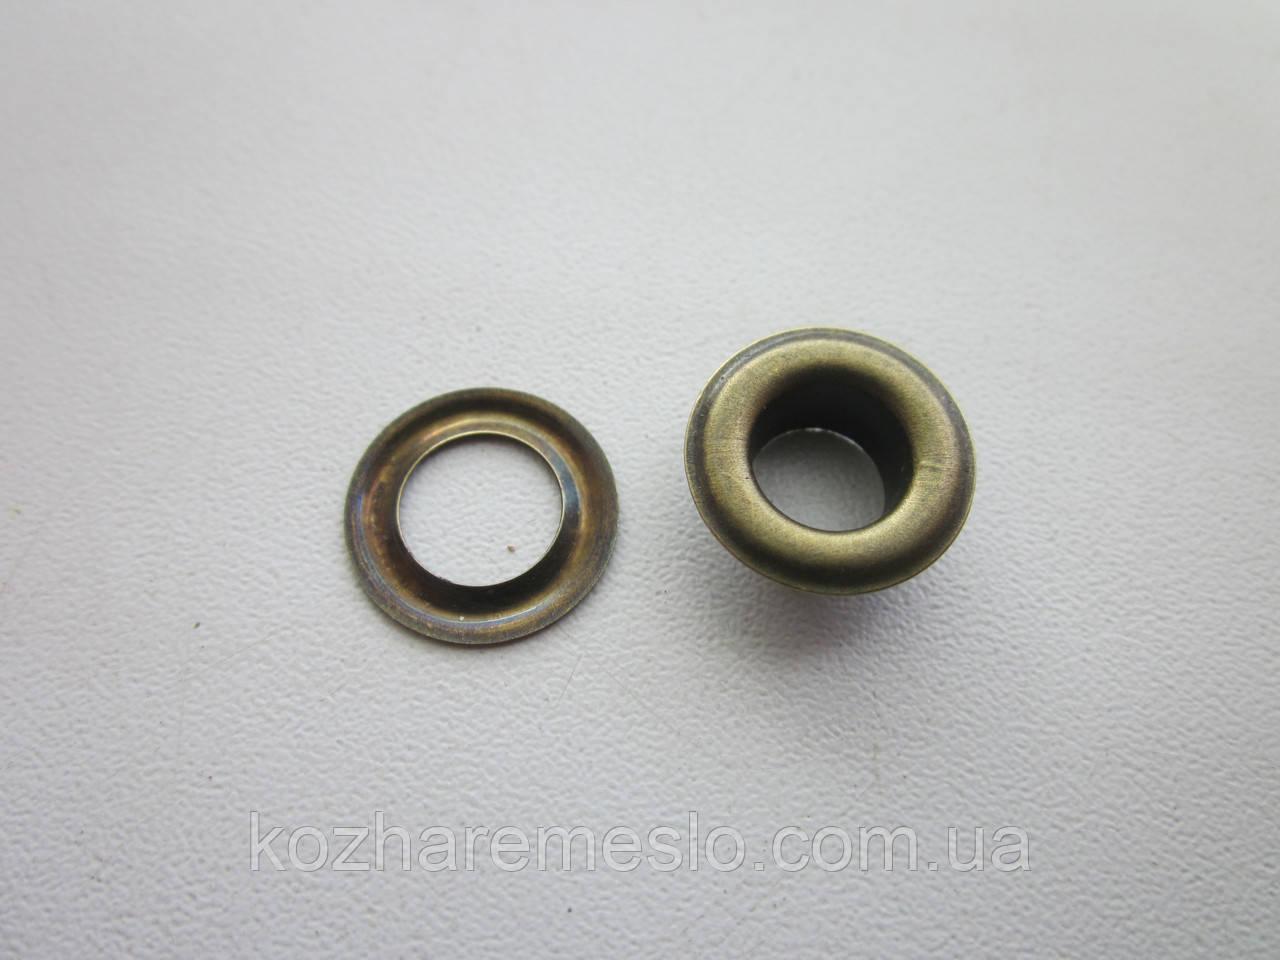 Люверс 8 мм (15 х 8 х 6 мм) антик